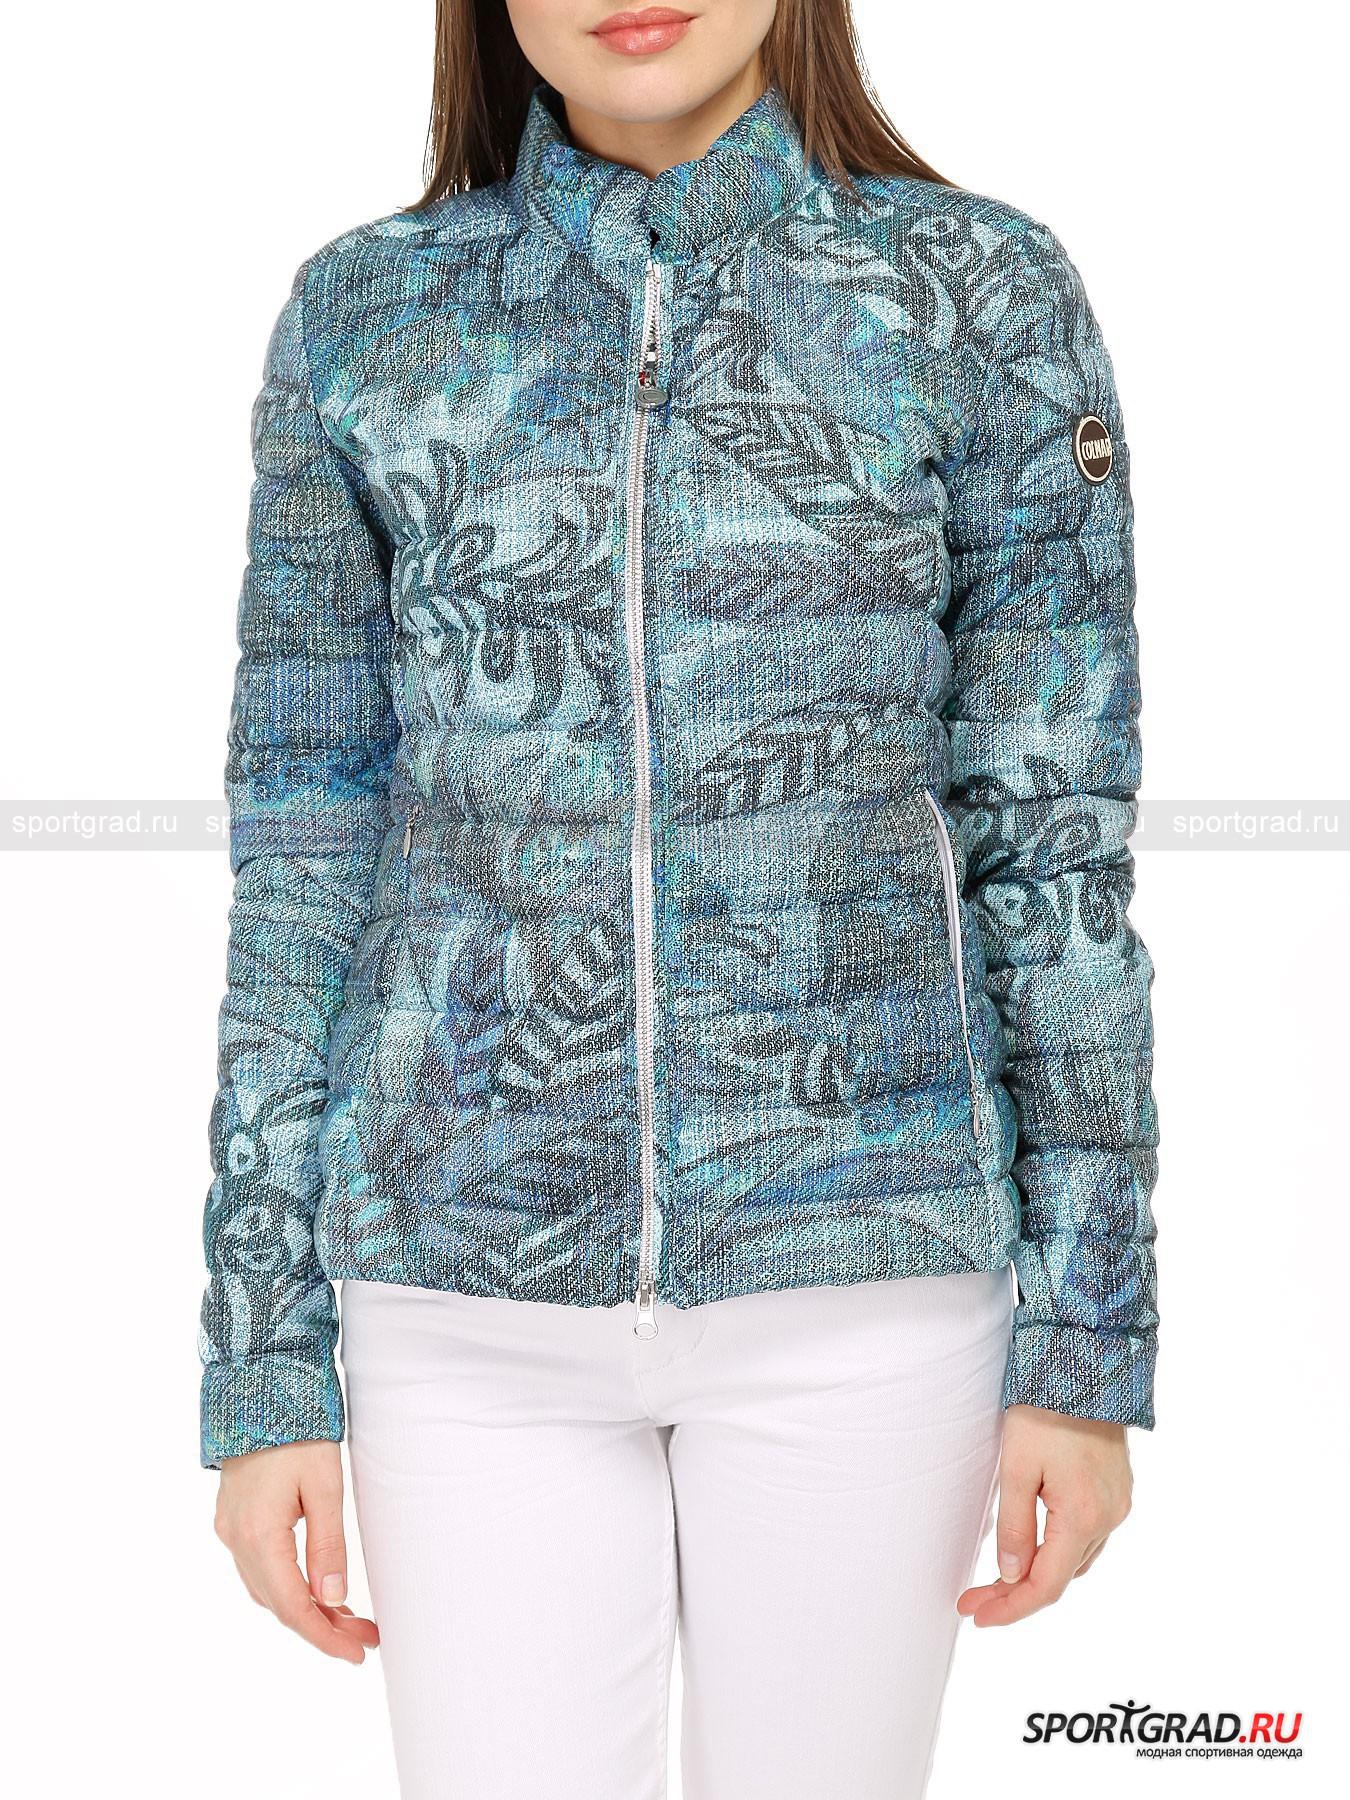 Куртка женская COLMAR ORIGINALS LIGHT DOWN JACKETКуртки<br>Стараясь сочетать в линии ORIGINALS свои достижения в области пошива высокотехнологичной одежды и городской стиль, итальянский бренд COLMAR получает возможность значительно расширить границы фантазии. Причем не только для себя, но и для покупателей.<br><br>Заметная женская куртка  LIGHT DOWN JACKET привлекает внимание своим внешним видом и оригинальным принтом, нанесенным при помощи технологии фотоэффекта. Фронтальная молния оснащена водоотталкивающей системой, не позволяющей влаге попадать внутрь. Укороченный силуэт предлагает носить пуховик на натуральном утеплителе в нехолодную зиму или прохладную весну и осень.<br><br>•Стоячий ворот<br>•Реверсная металлическая молния<br>•Скрытые поясные карманы на молнии<br>•Два внутренних продолговатых кармана без застежки<br>•Фирменный логотип компании<br><br>Пол: Женский<br>Возраст: Взрослый<br>Тип: Куртки<br>Рекомендации по уходу: Деликатная стирка при 30С наизнанку. Не отбеливать. Не сушить в стиральной машине. Гладить при температуре до 110 С.<br>Состав: 100% полиэстер, утеплитель – 90% пух/10% перо.